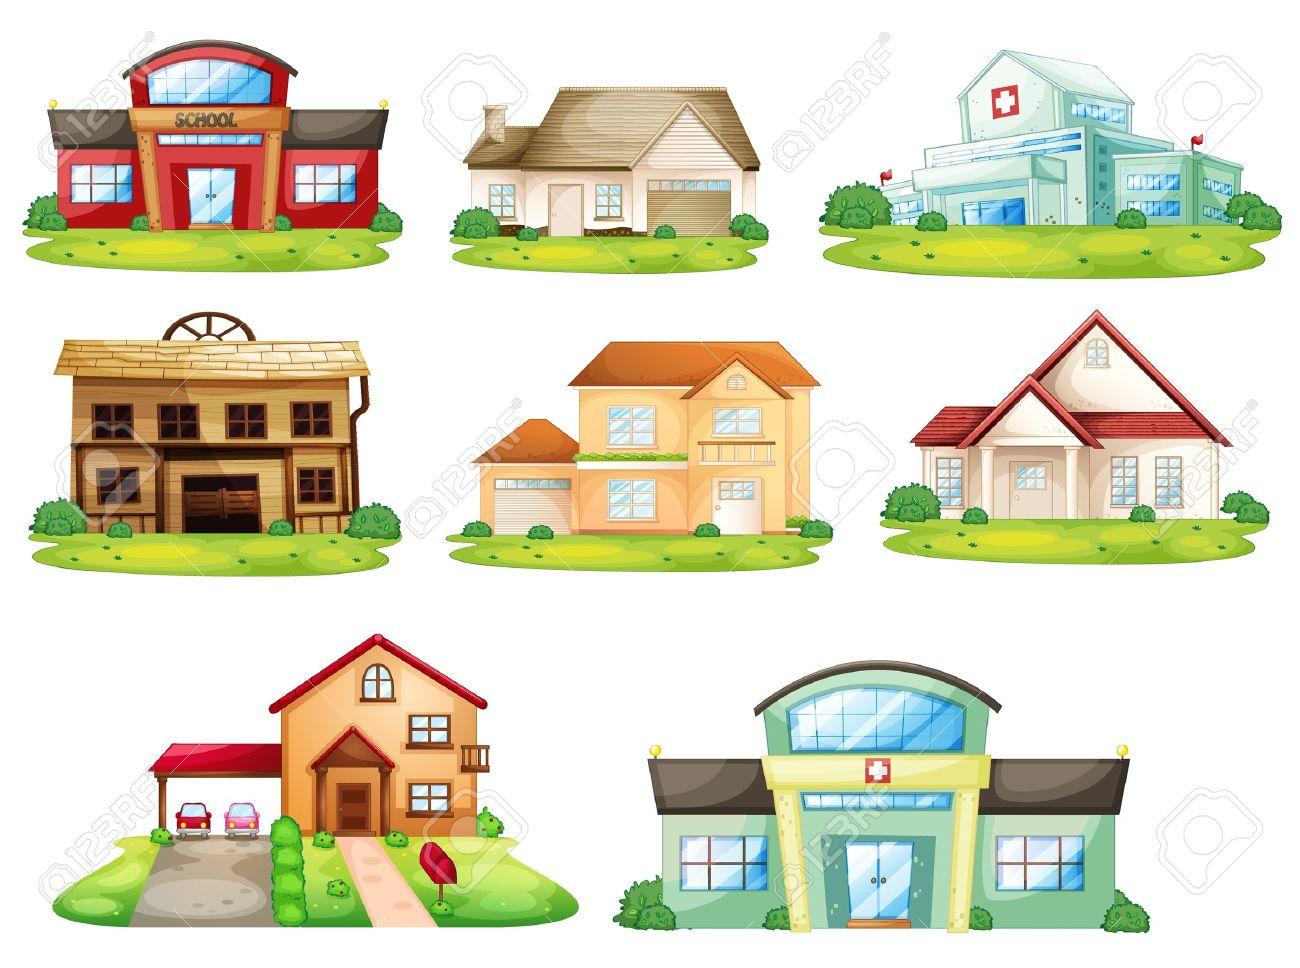 家および他の建物のイラストのイラスト素材ベクタ Image 14106871